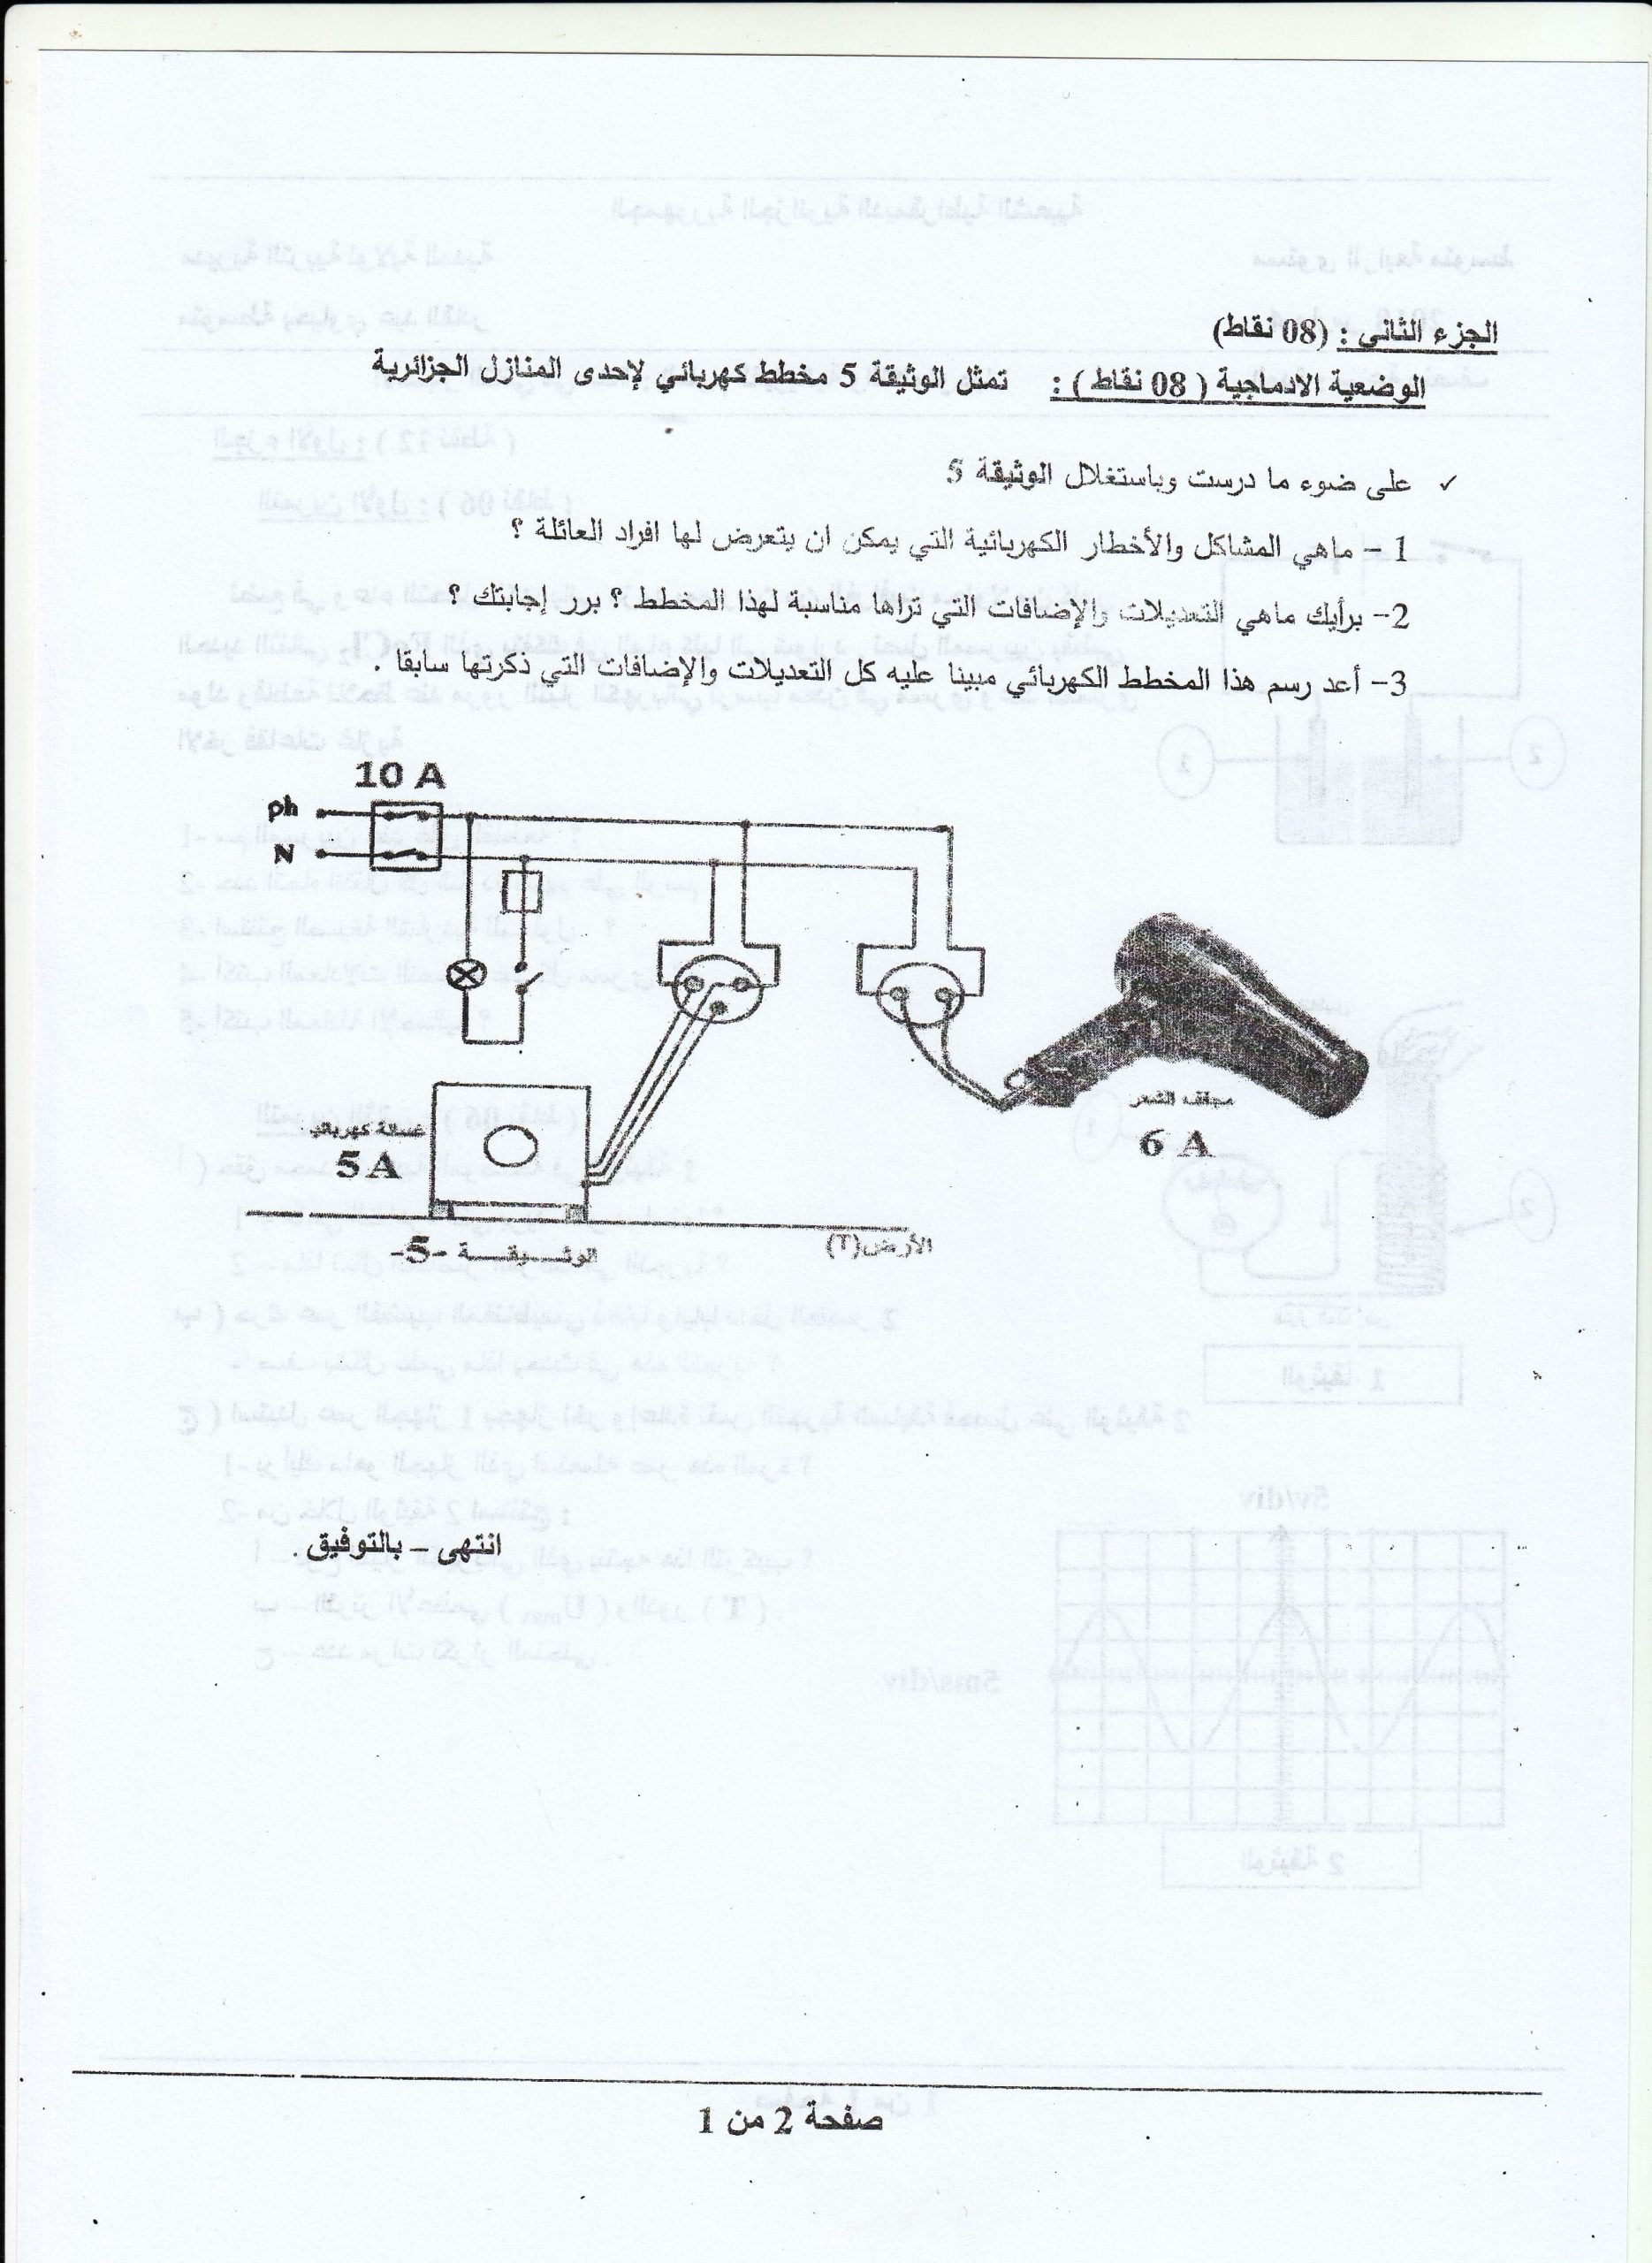 اختبار الفصل الثاني في مادة الفيزياء السنة الرابعة متوسط | الموضوع 08